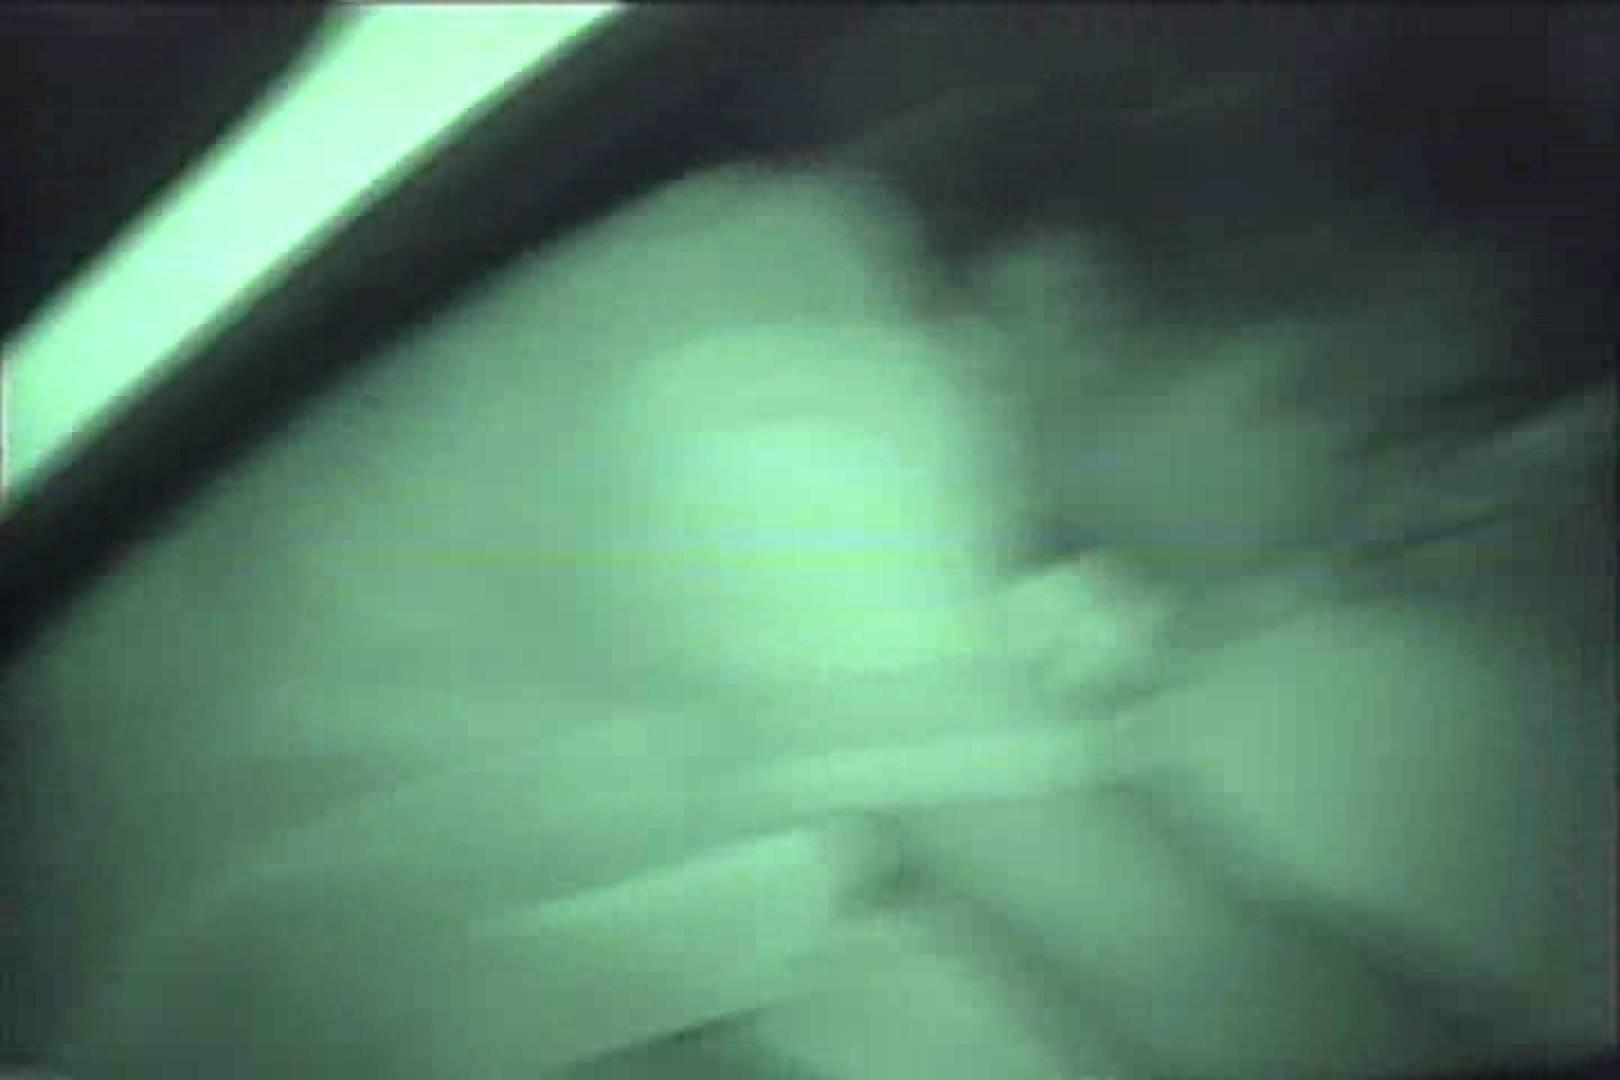 車の中はラブホテル 無修正版  Vol.17 ホテル 濡れ場動画紹介 97画像 12